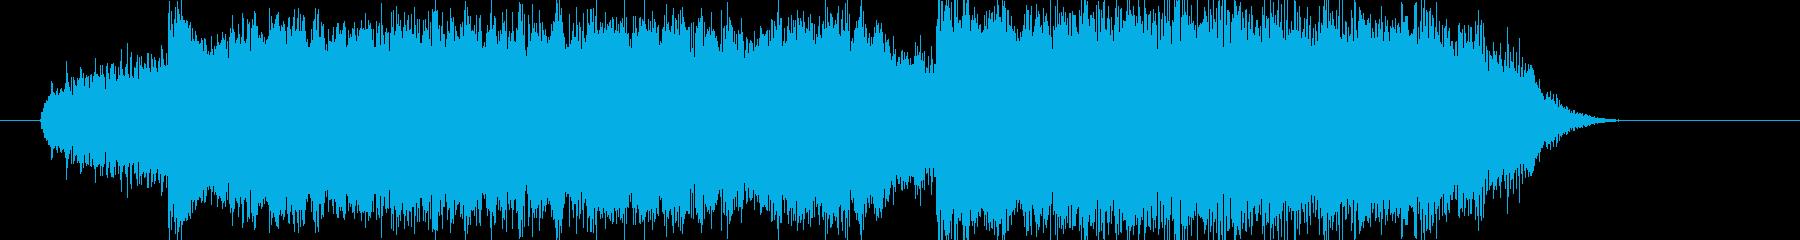 重厚なシンセサウンドの再生済みの波形